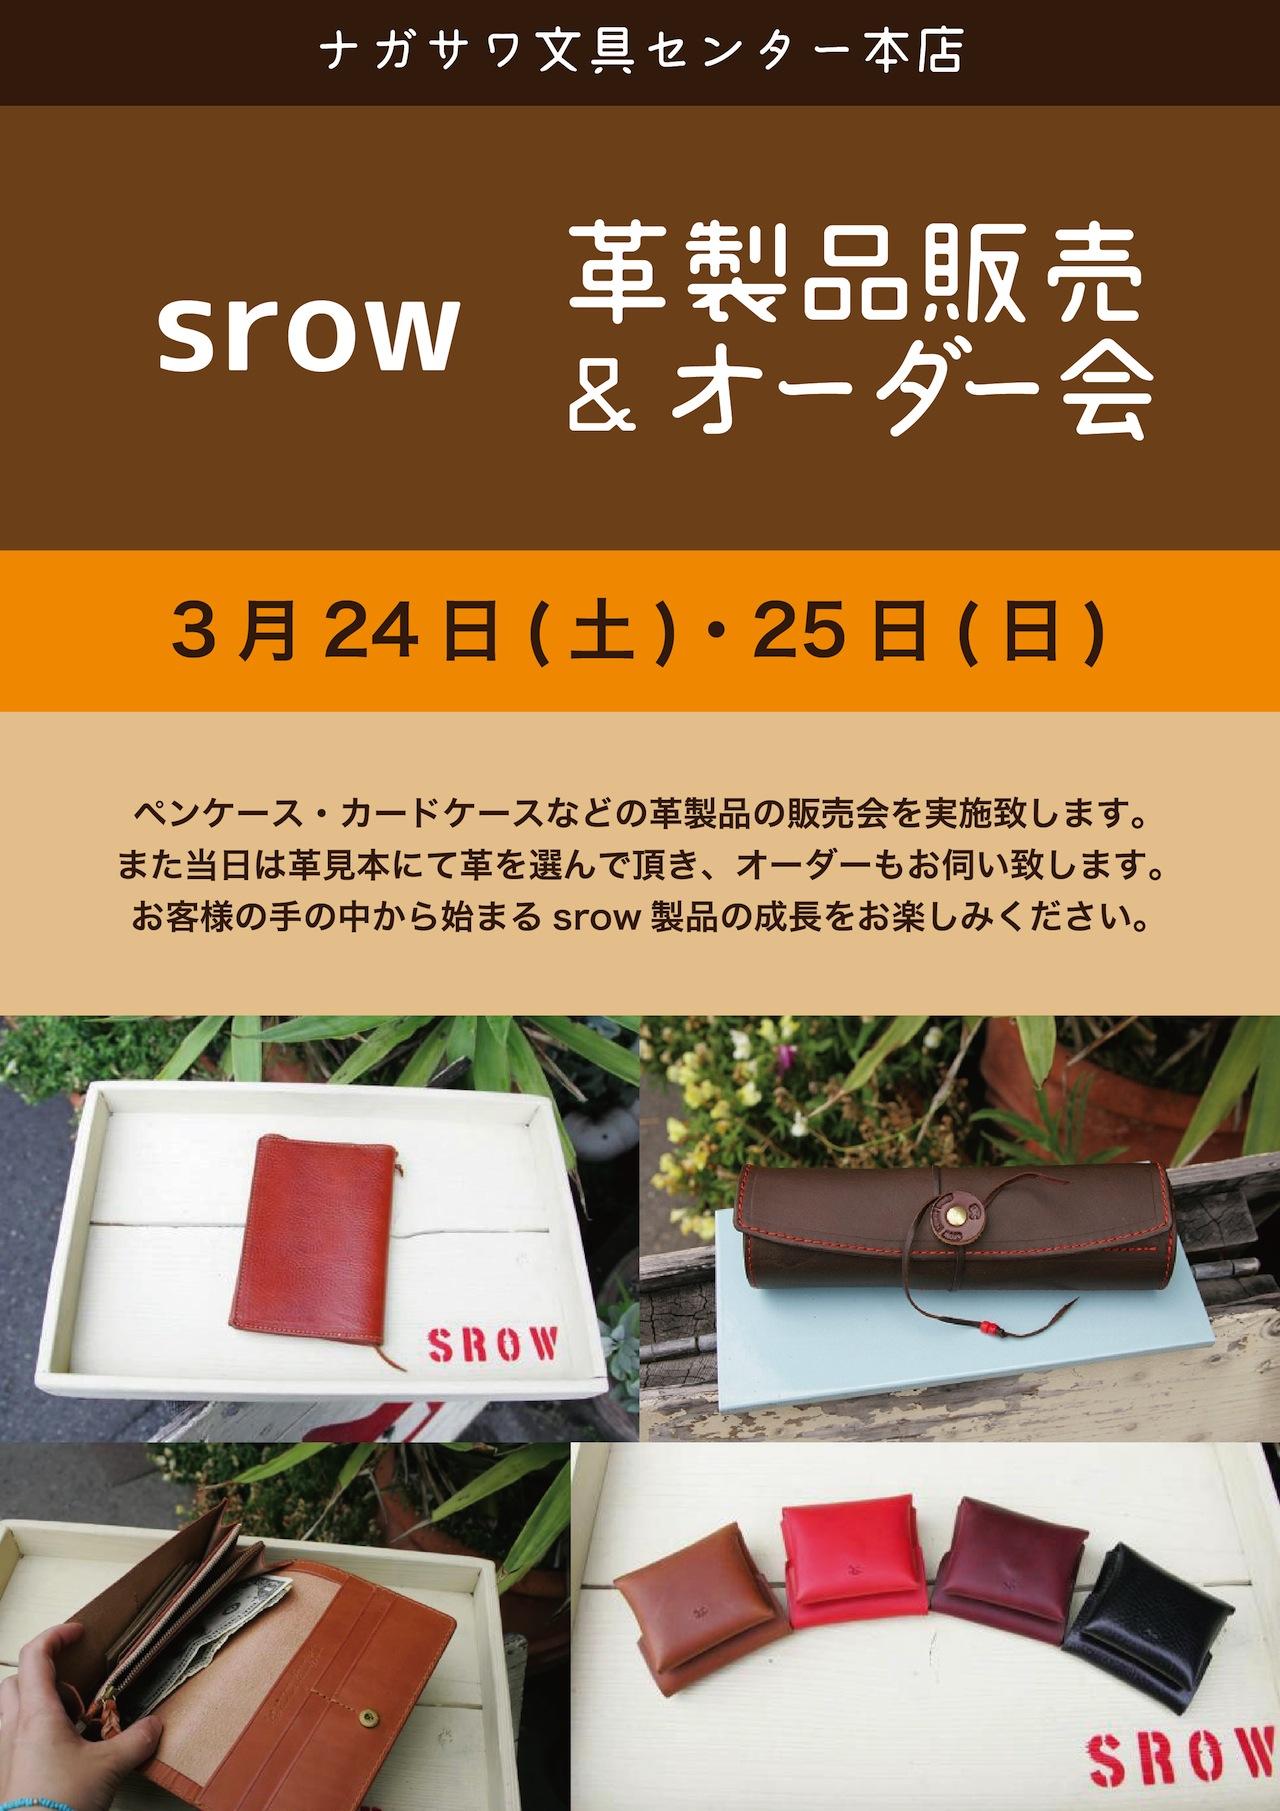 じっくりと手に馴染むハンドメイド革製品をお楽しみください !  srow革製品販売&オーダー会開催